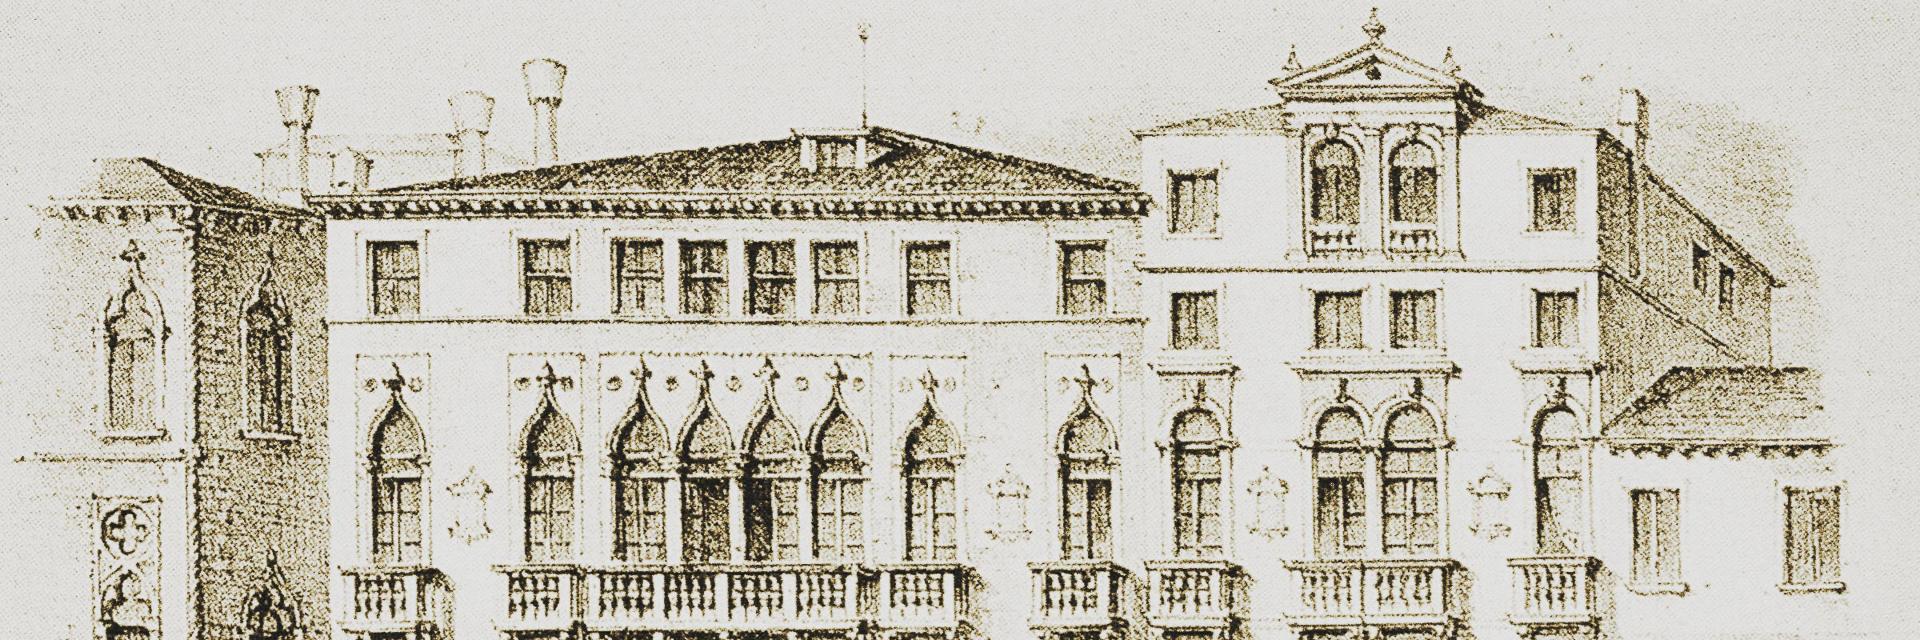 VENECIA_PALAZZO_BARBARO_Maroto_Ibañez_arquitectos04